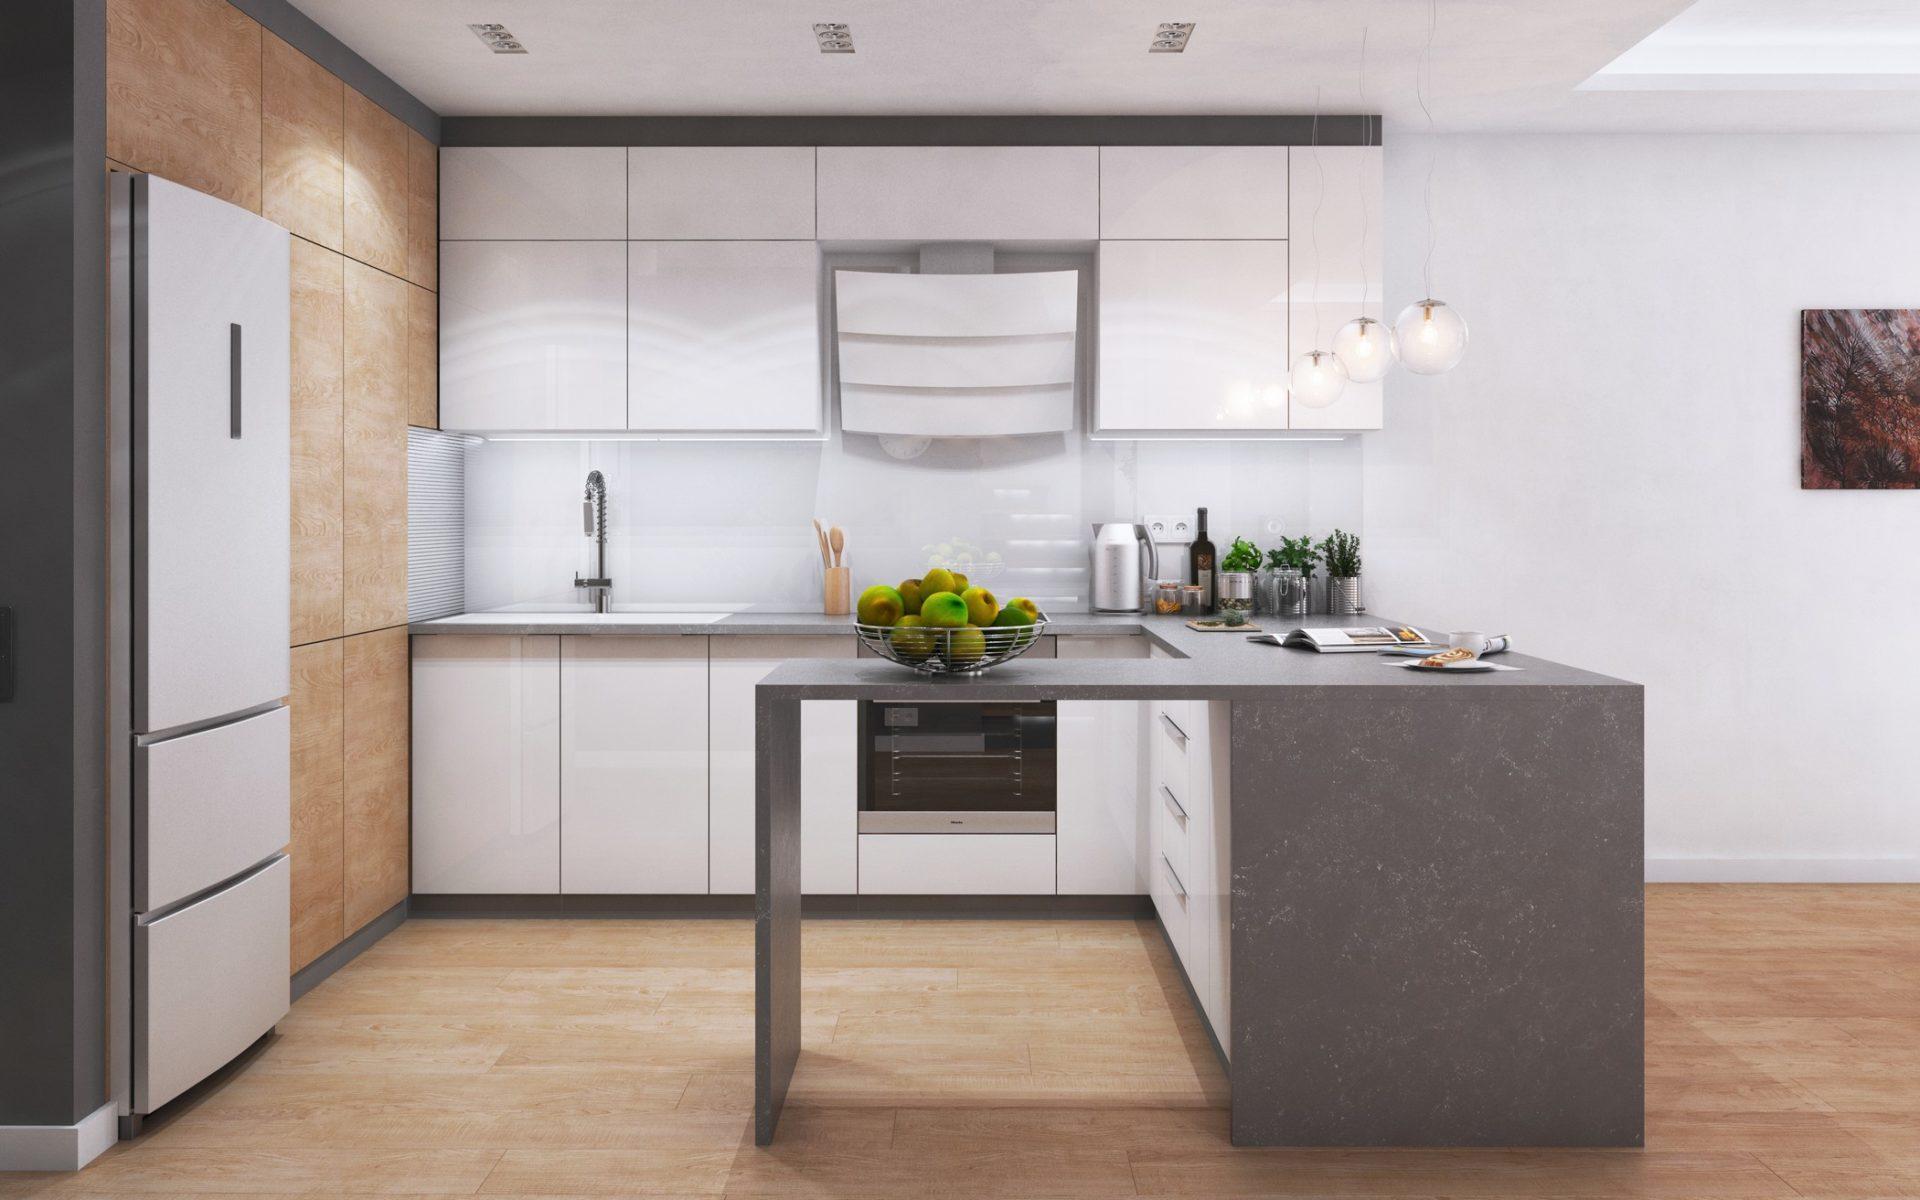 projekt kuchni Śląsk wizualizacje